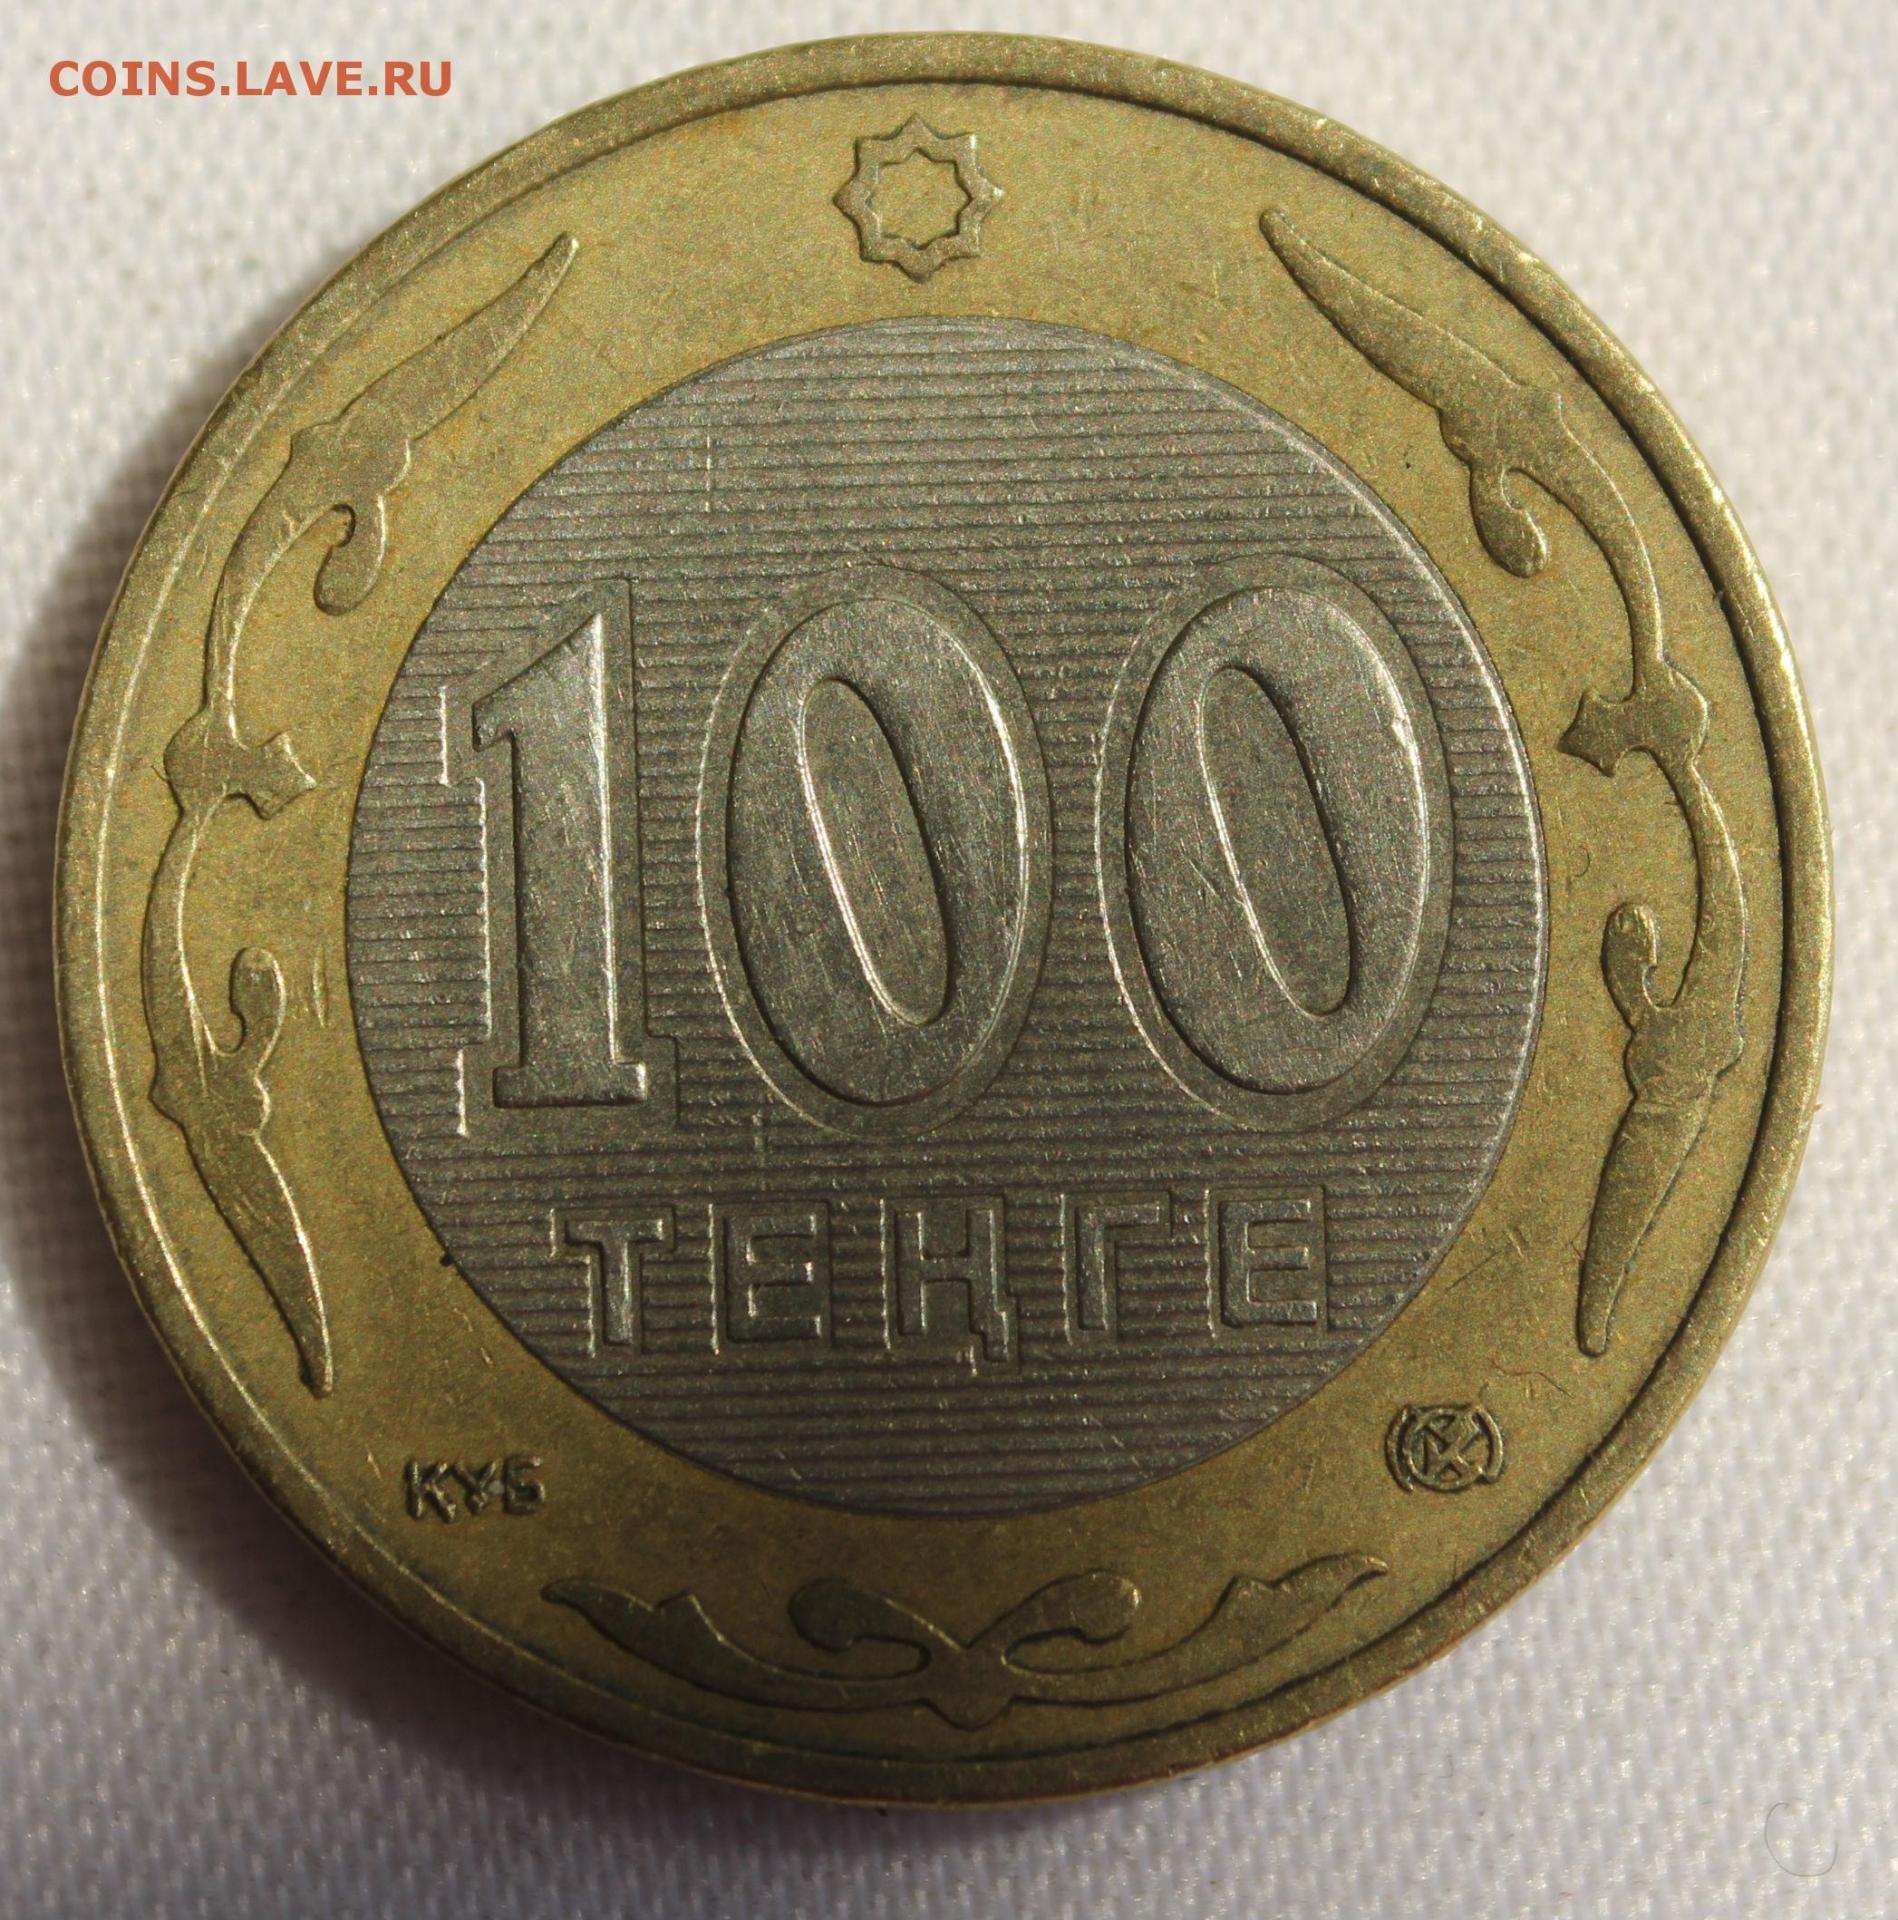 1 рубль олимпиада 1980 цена